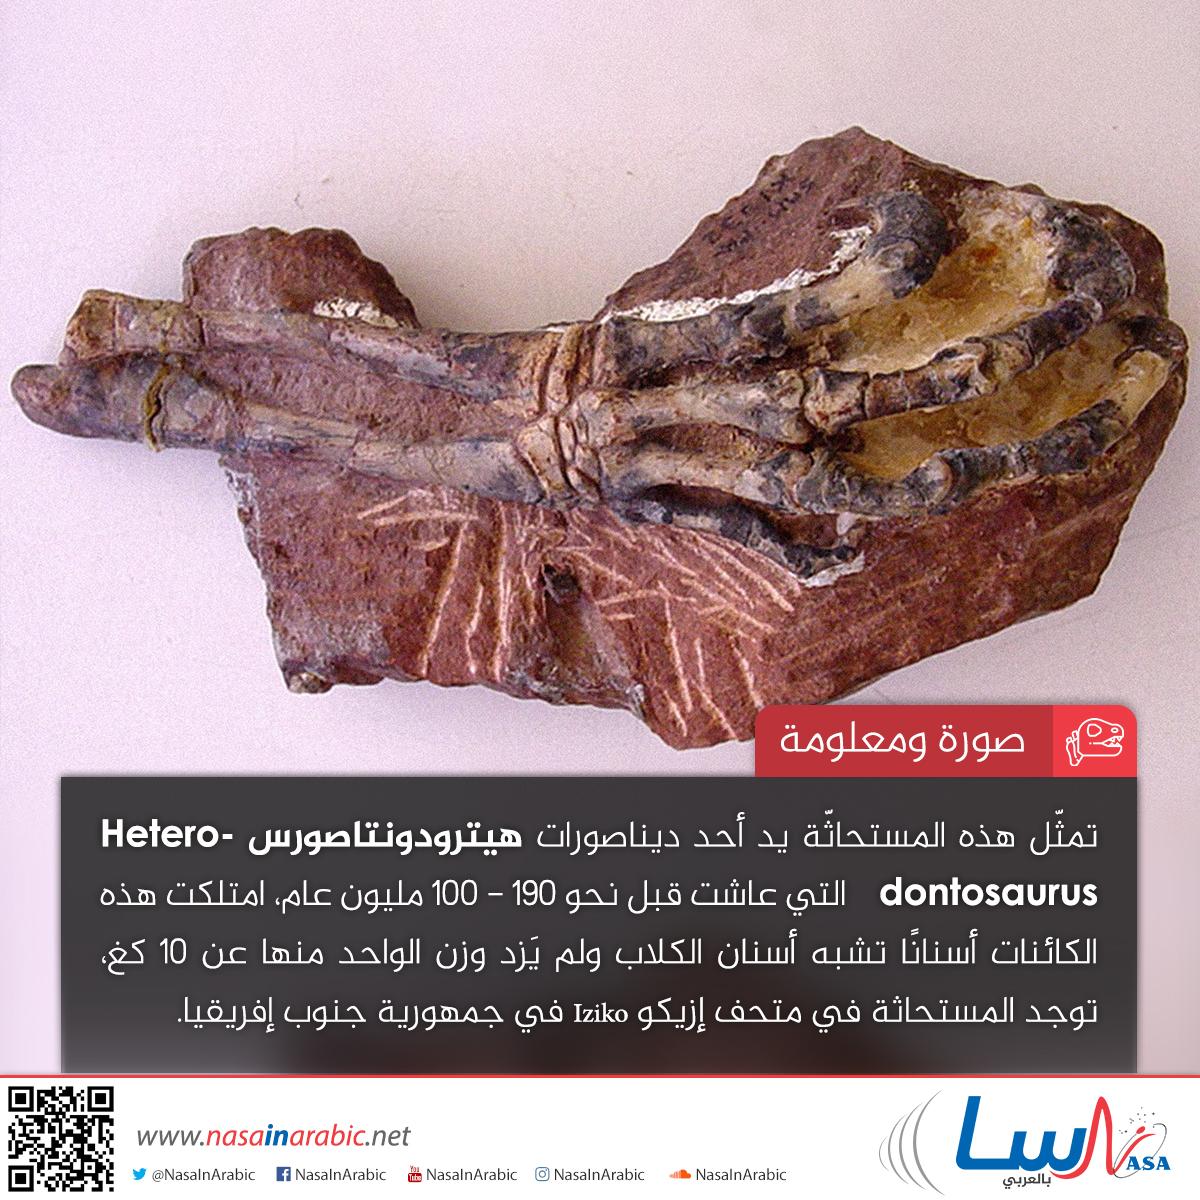 هيترودونتاصورس Heterodontosaurus